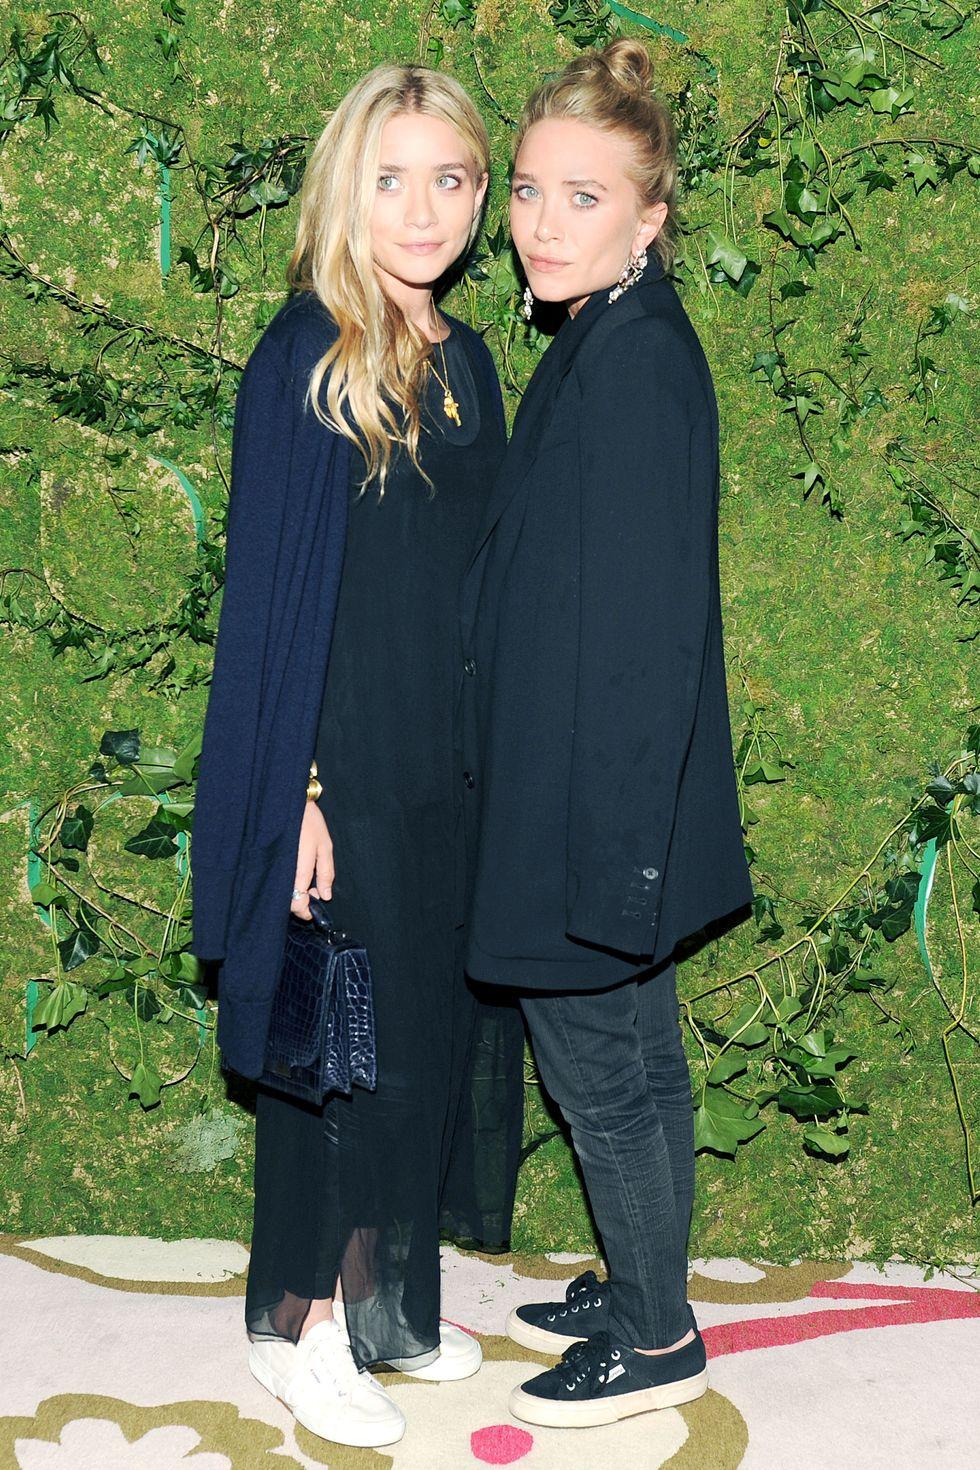 Superga Celebrates Its New SoHo Shop with the Olsen Twins